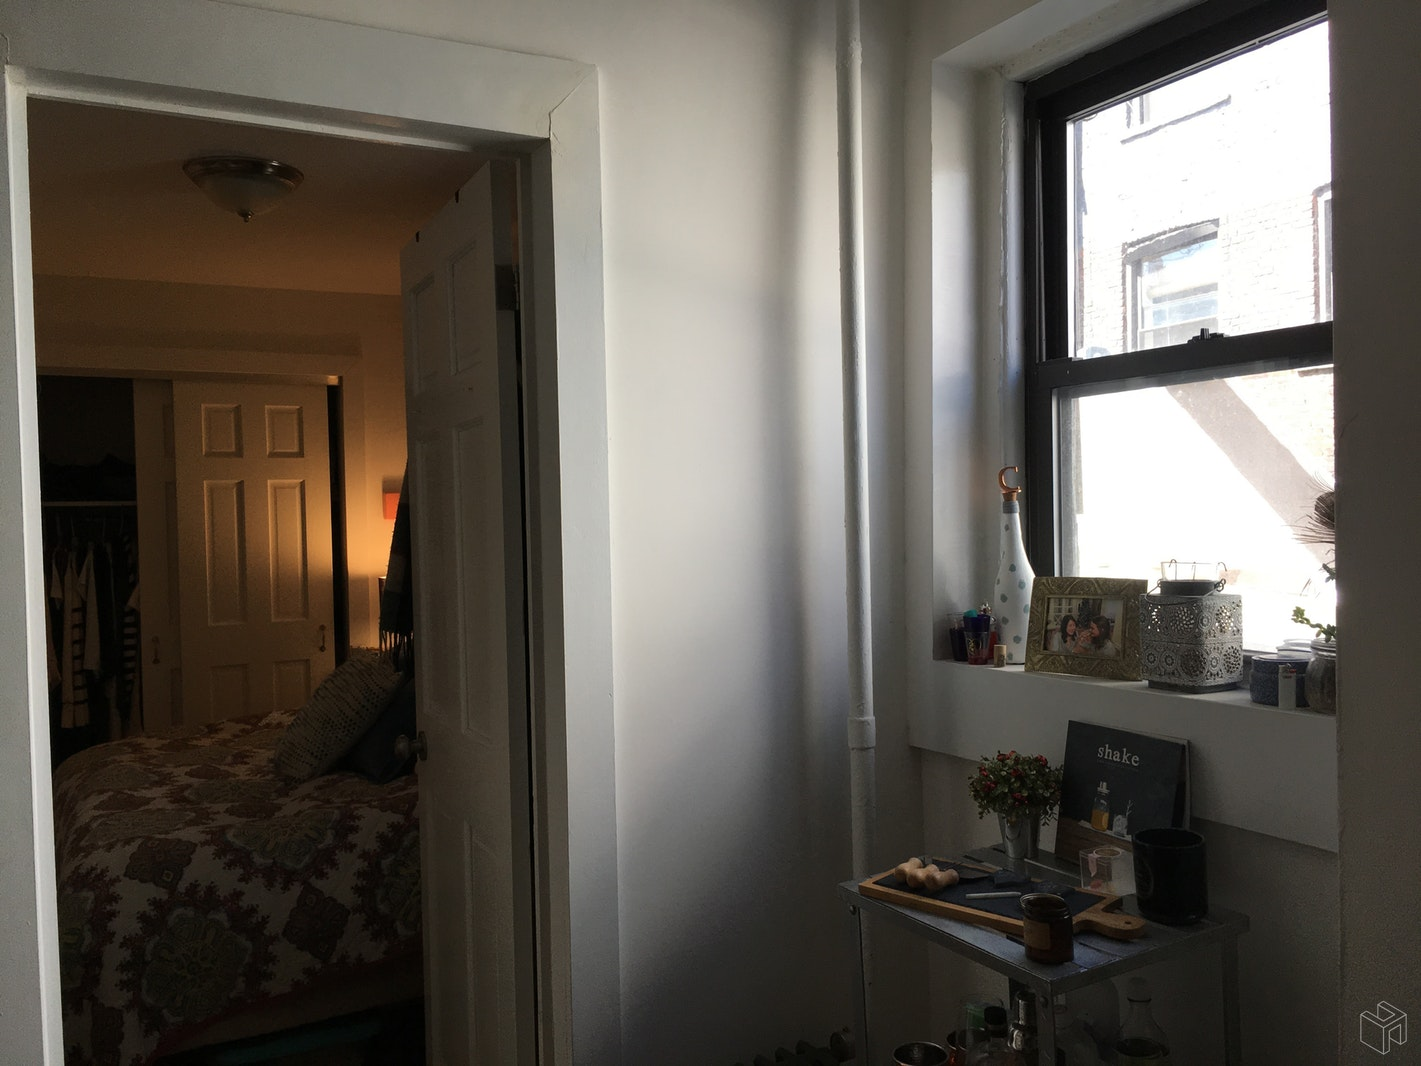 412 EAST 9TH STREET 14, East Village, $3,350, Web #: 19580773